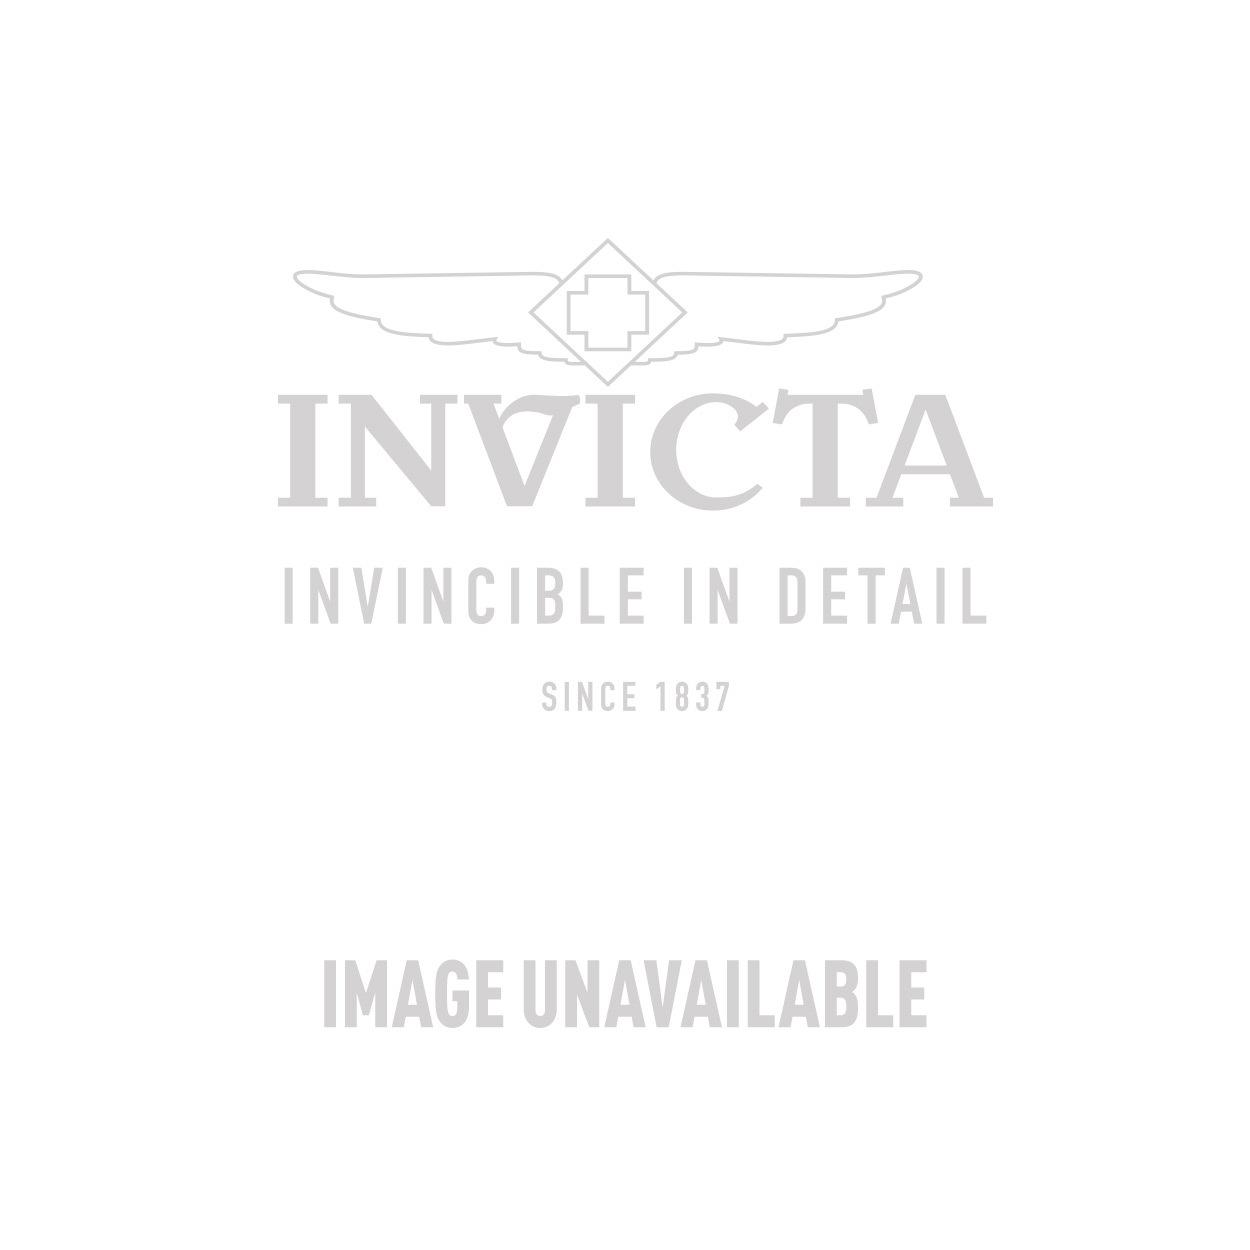 Invicta Model 25519